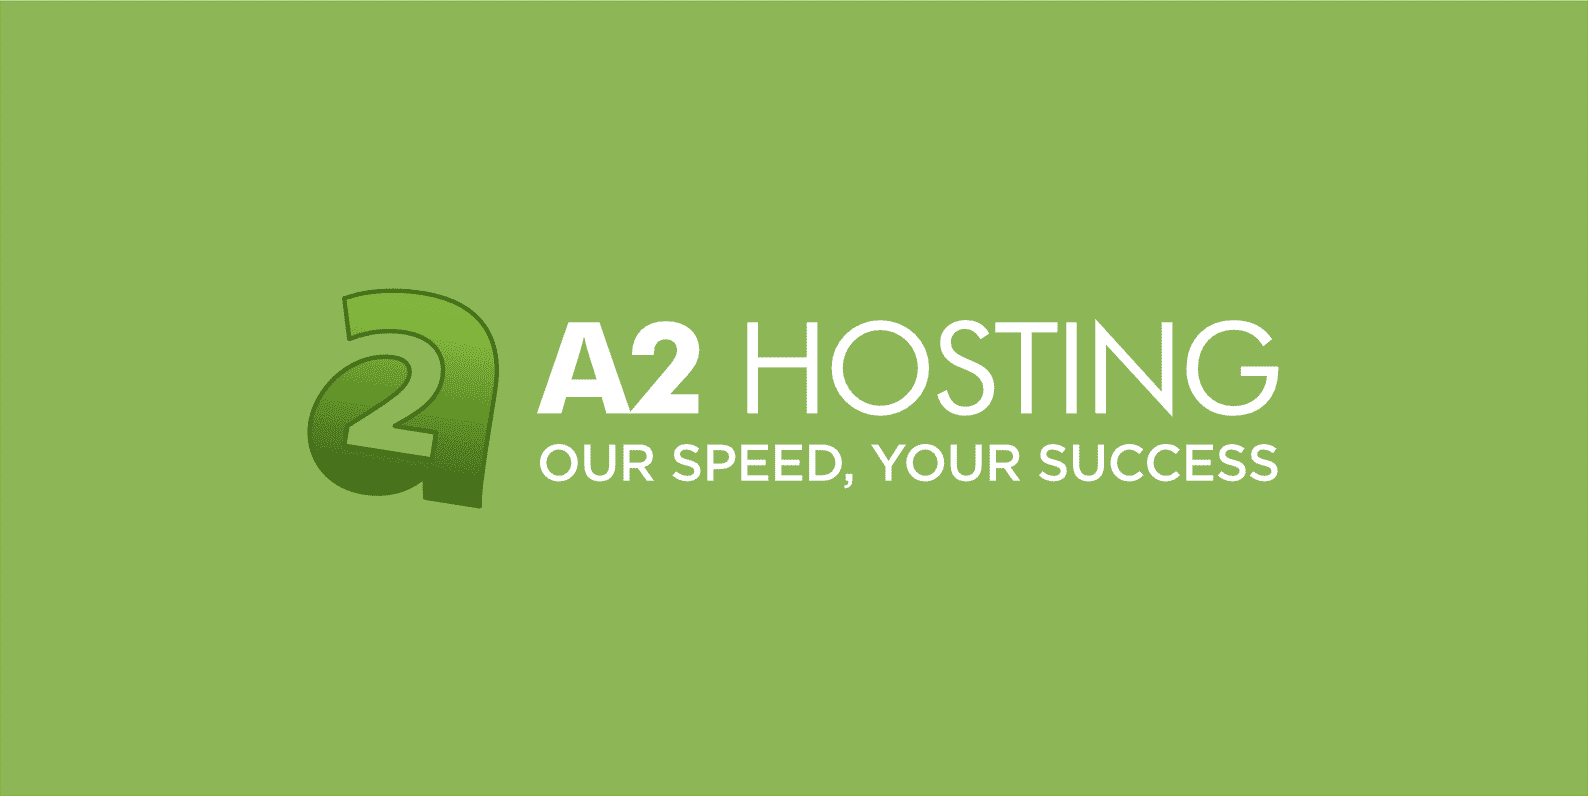 A2hosting